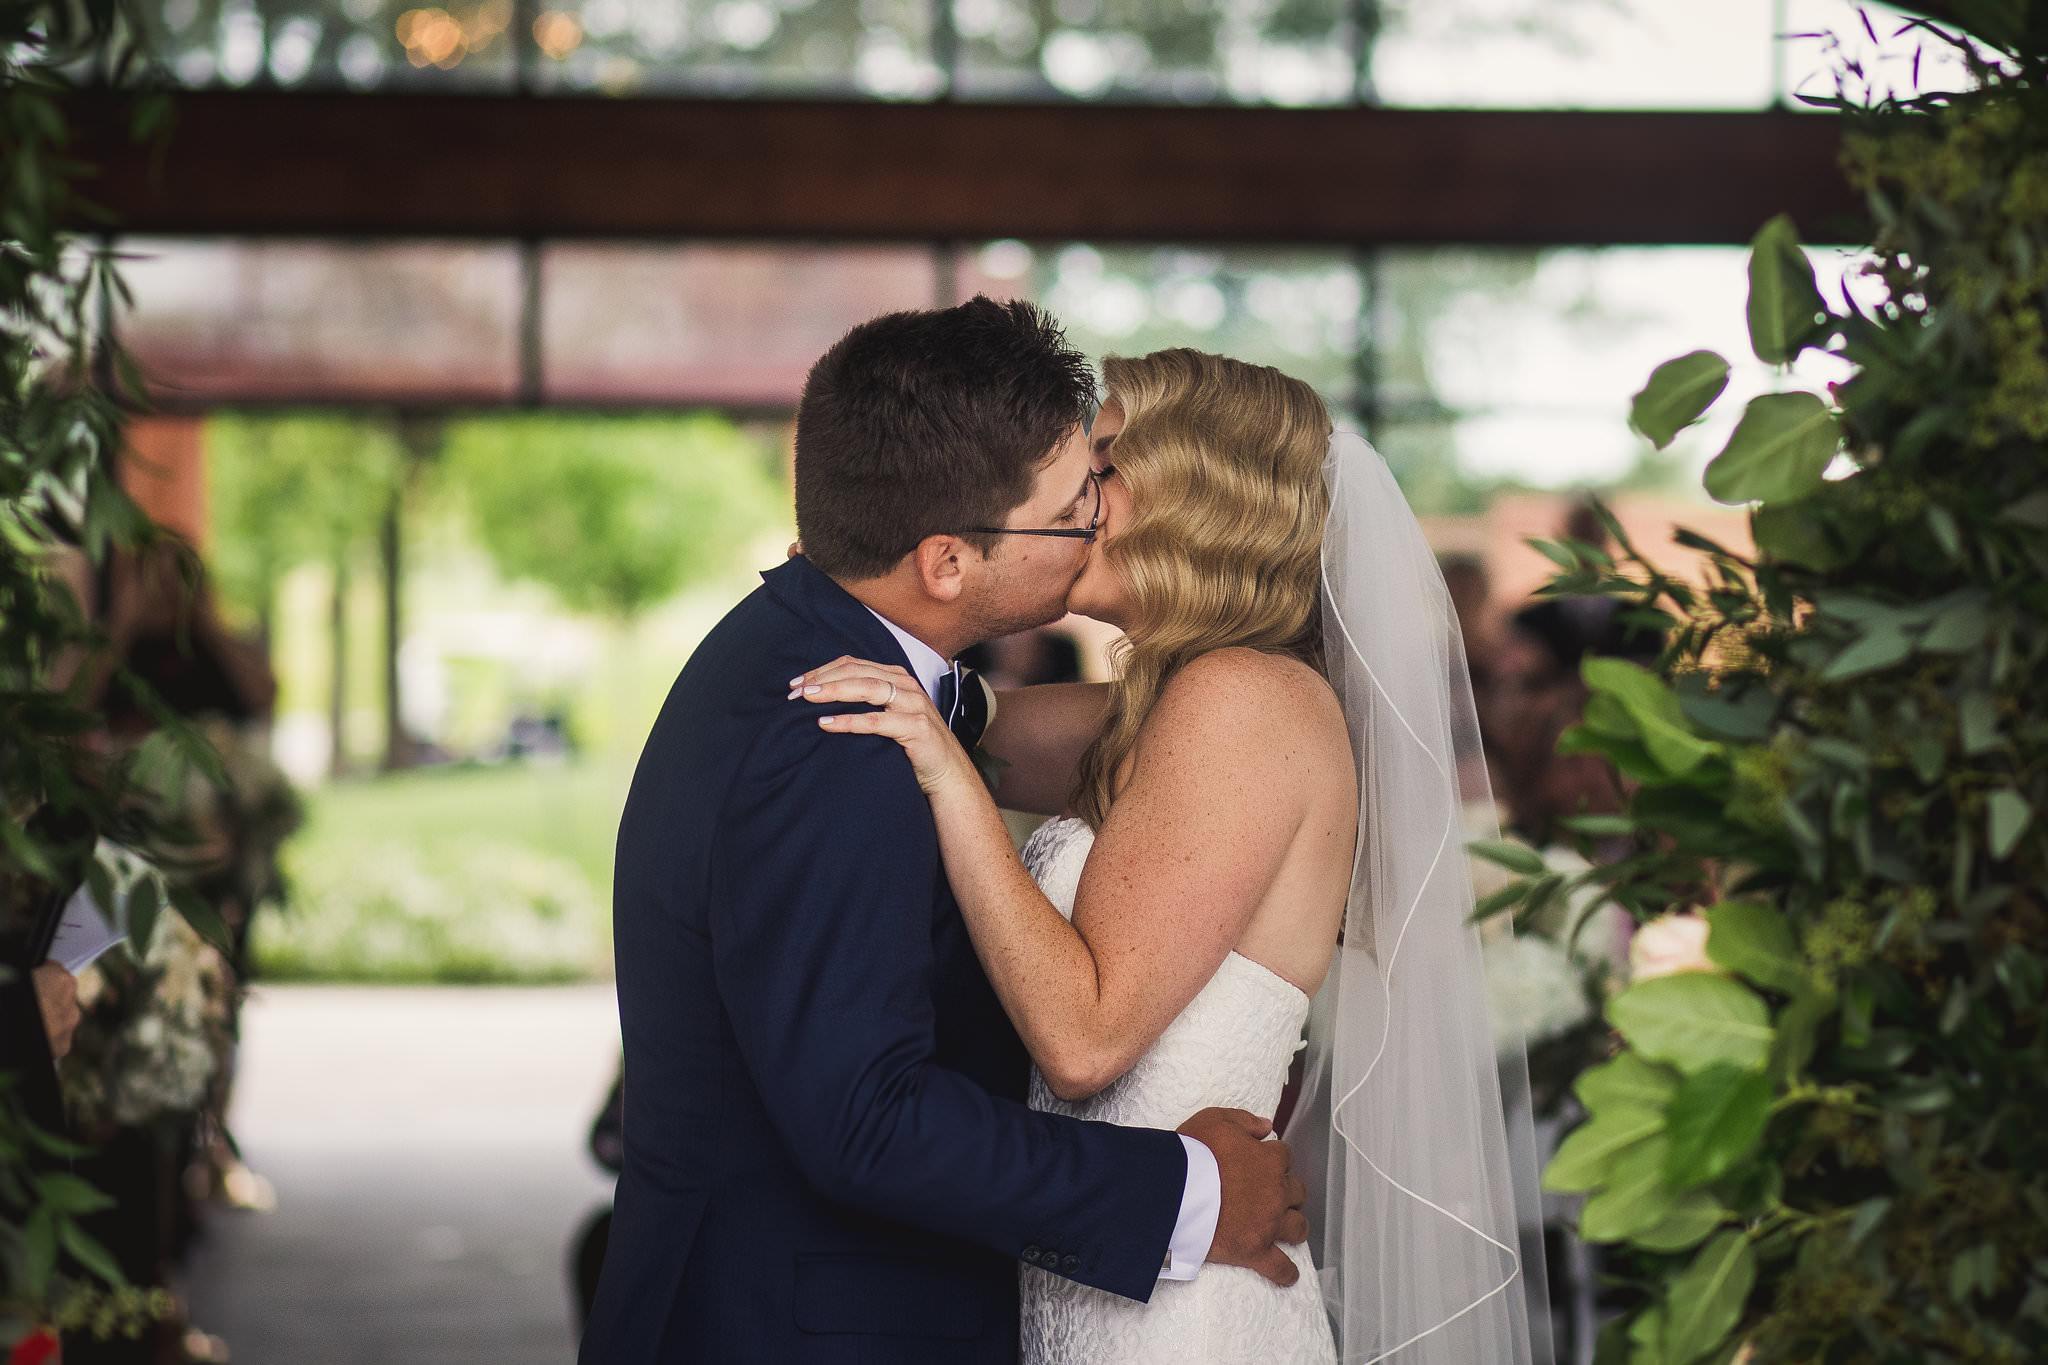 whistlebearweddingphotos 372 - Whistle Bear Wedding Photos